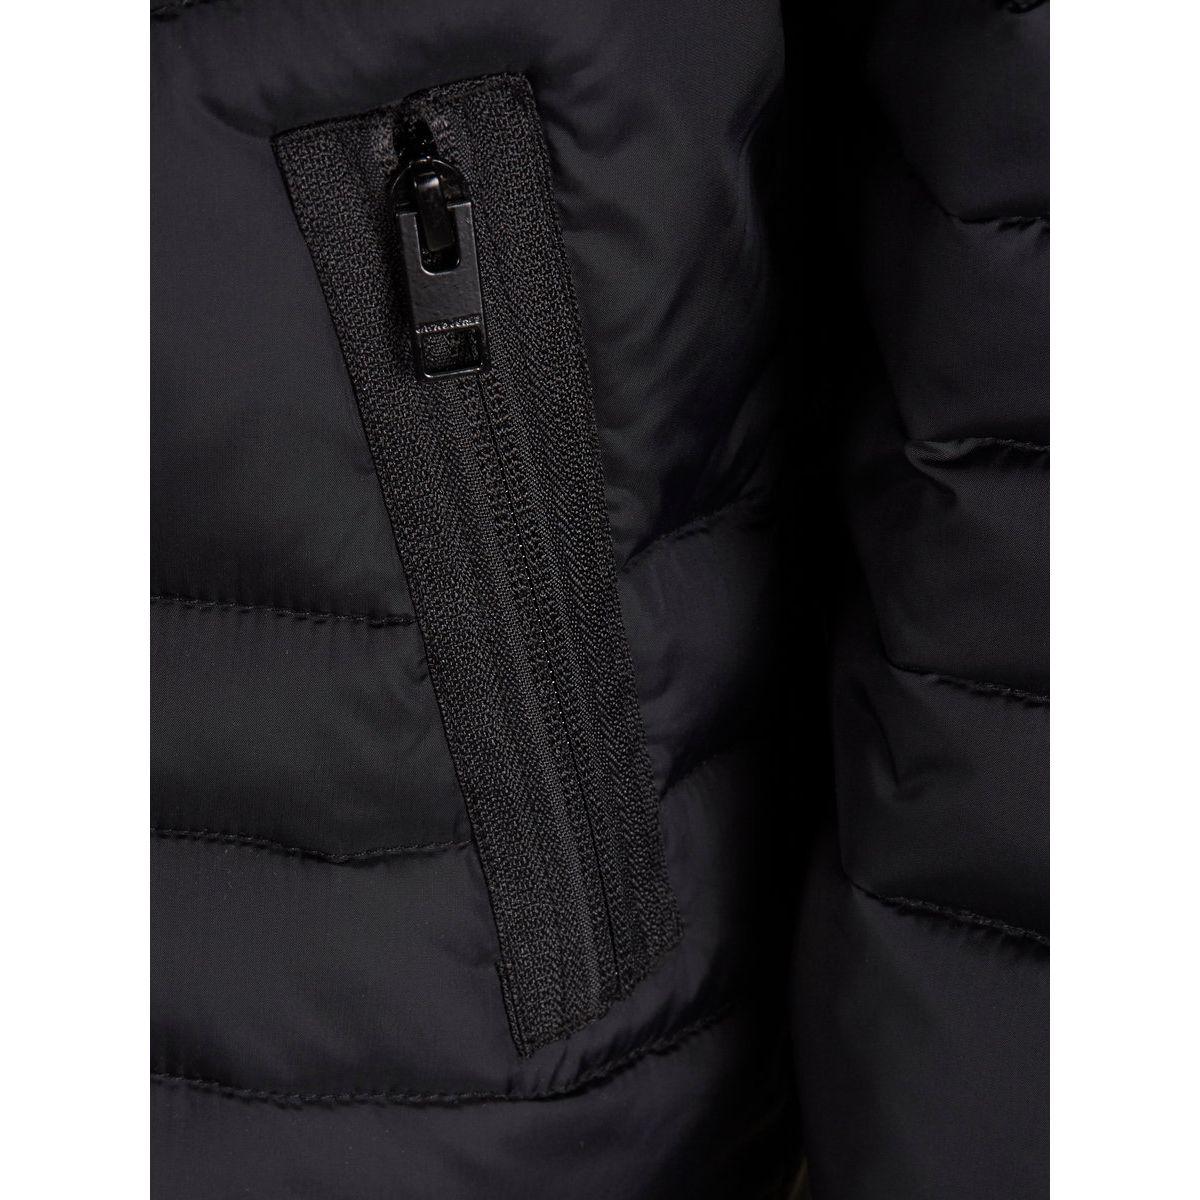 la moitié 5be31 229cd Veste Chaud Léger Taille Junior - Taille : 11 ans   Products ...